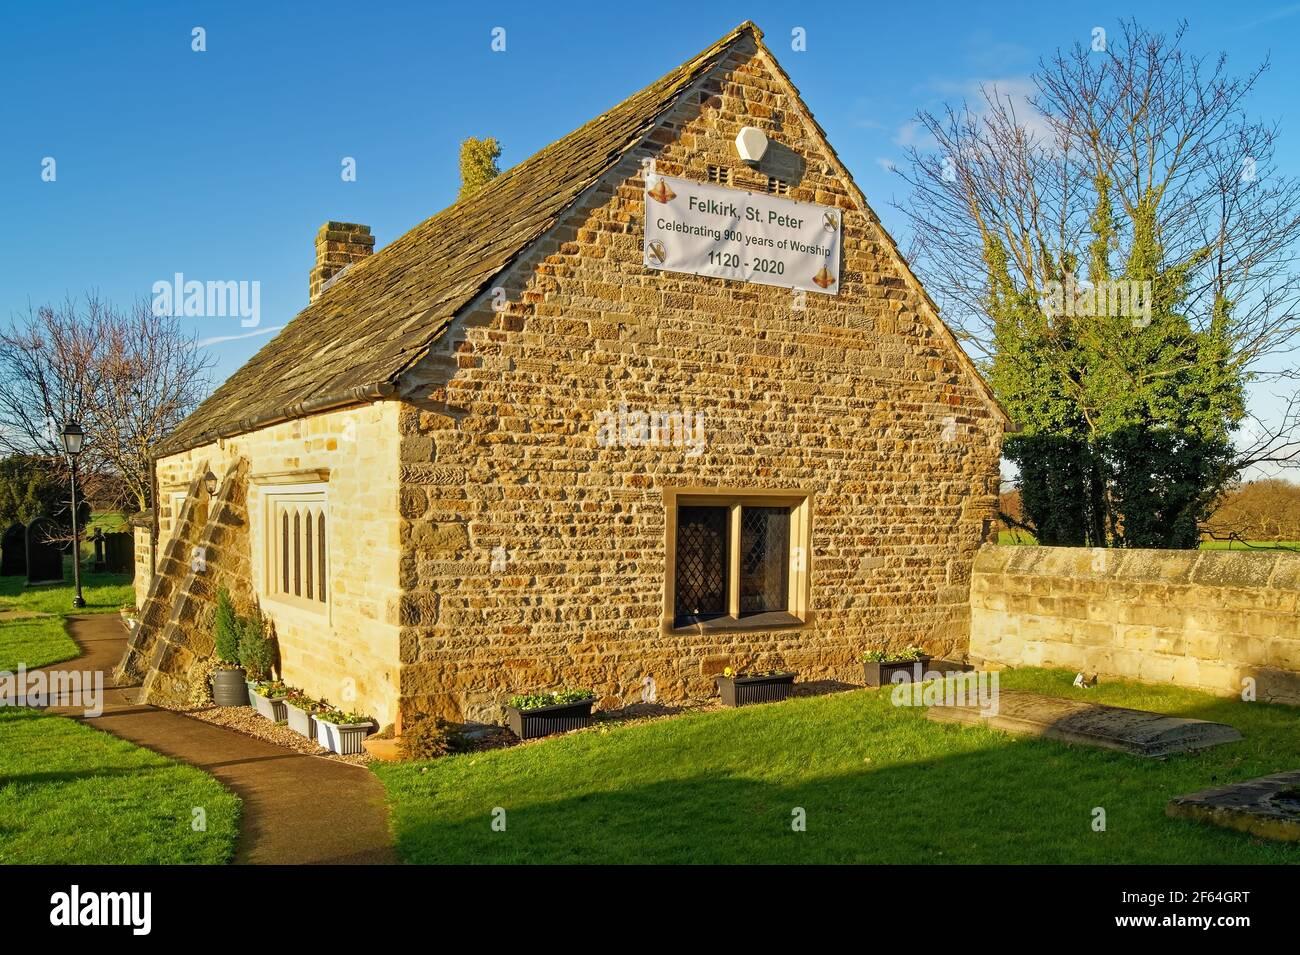 Royaume-Uni, Yorkshire de l'Ouest, Wakefield, Felkirk, Église Saint-Pierre, Ancienne salle d'école Banque D'Images